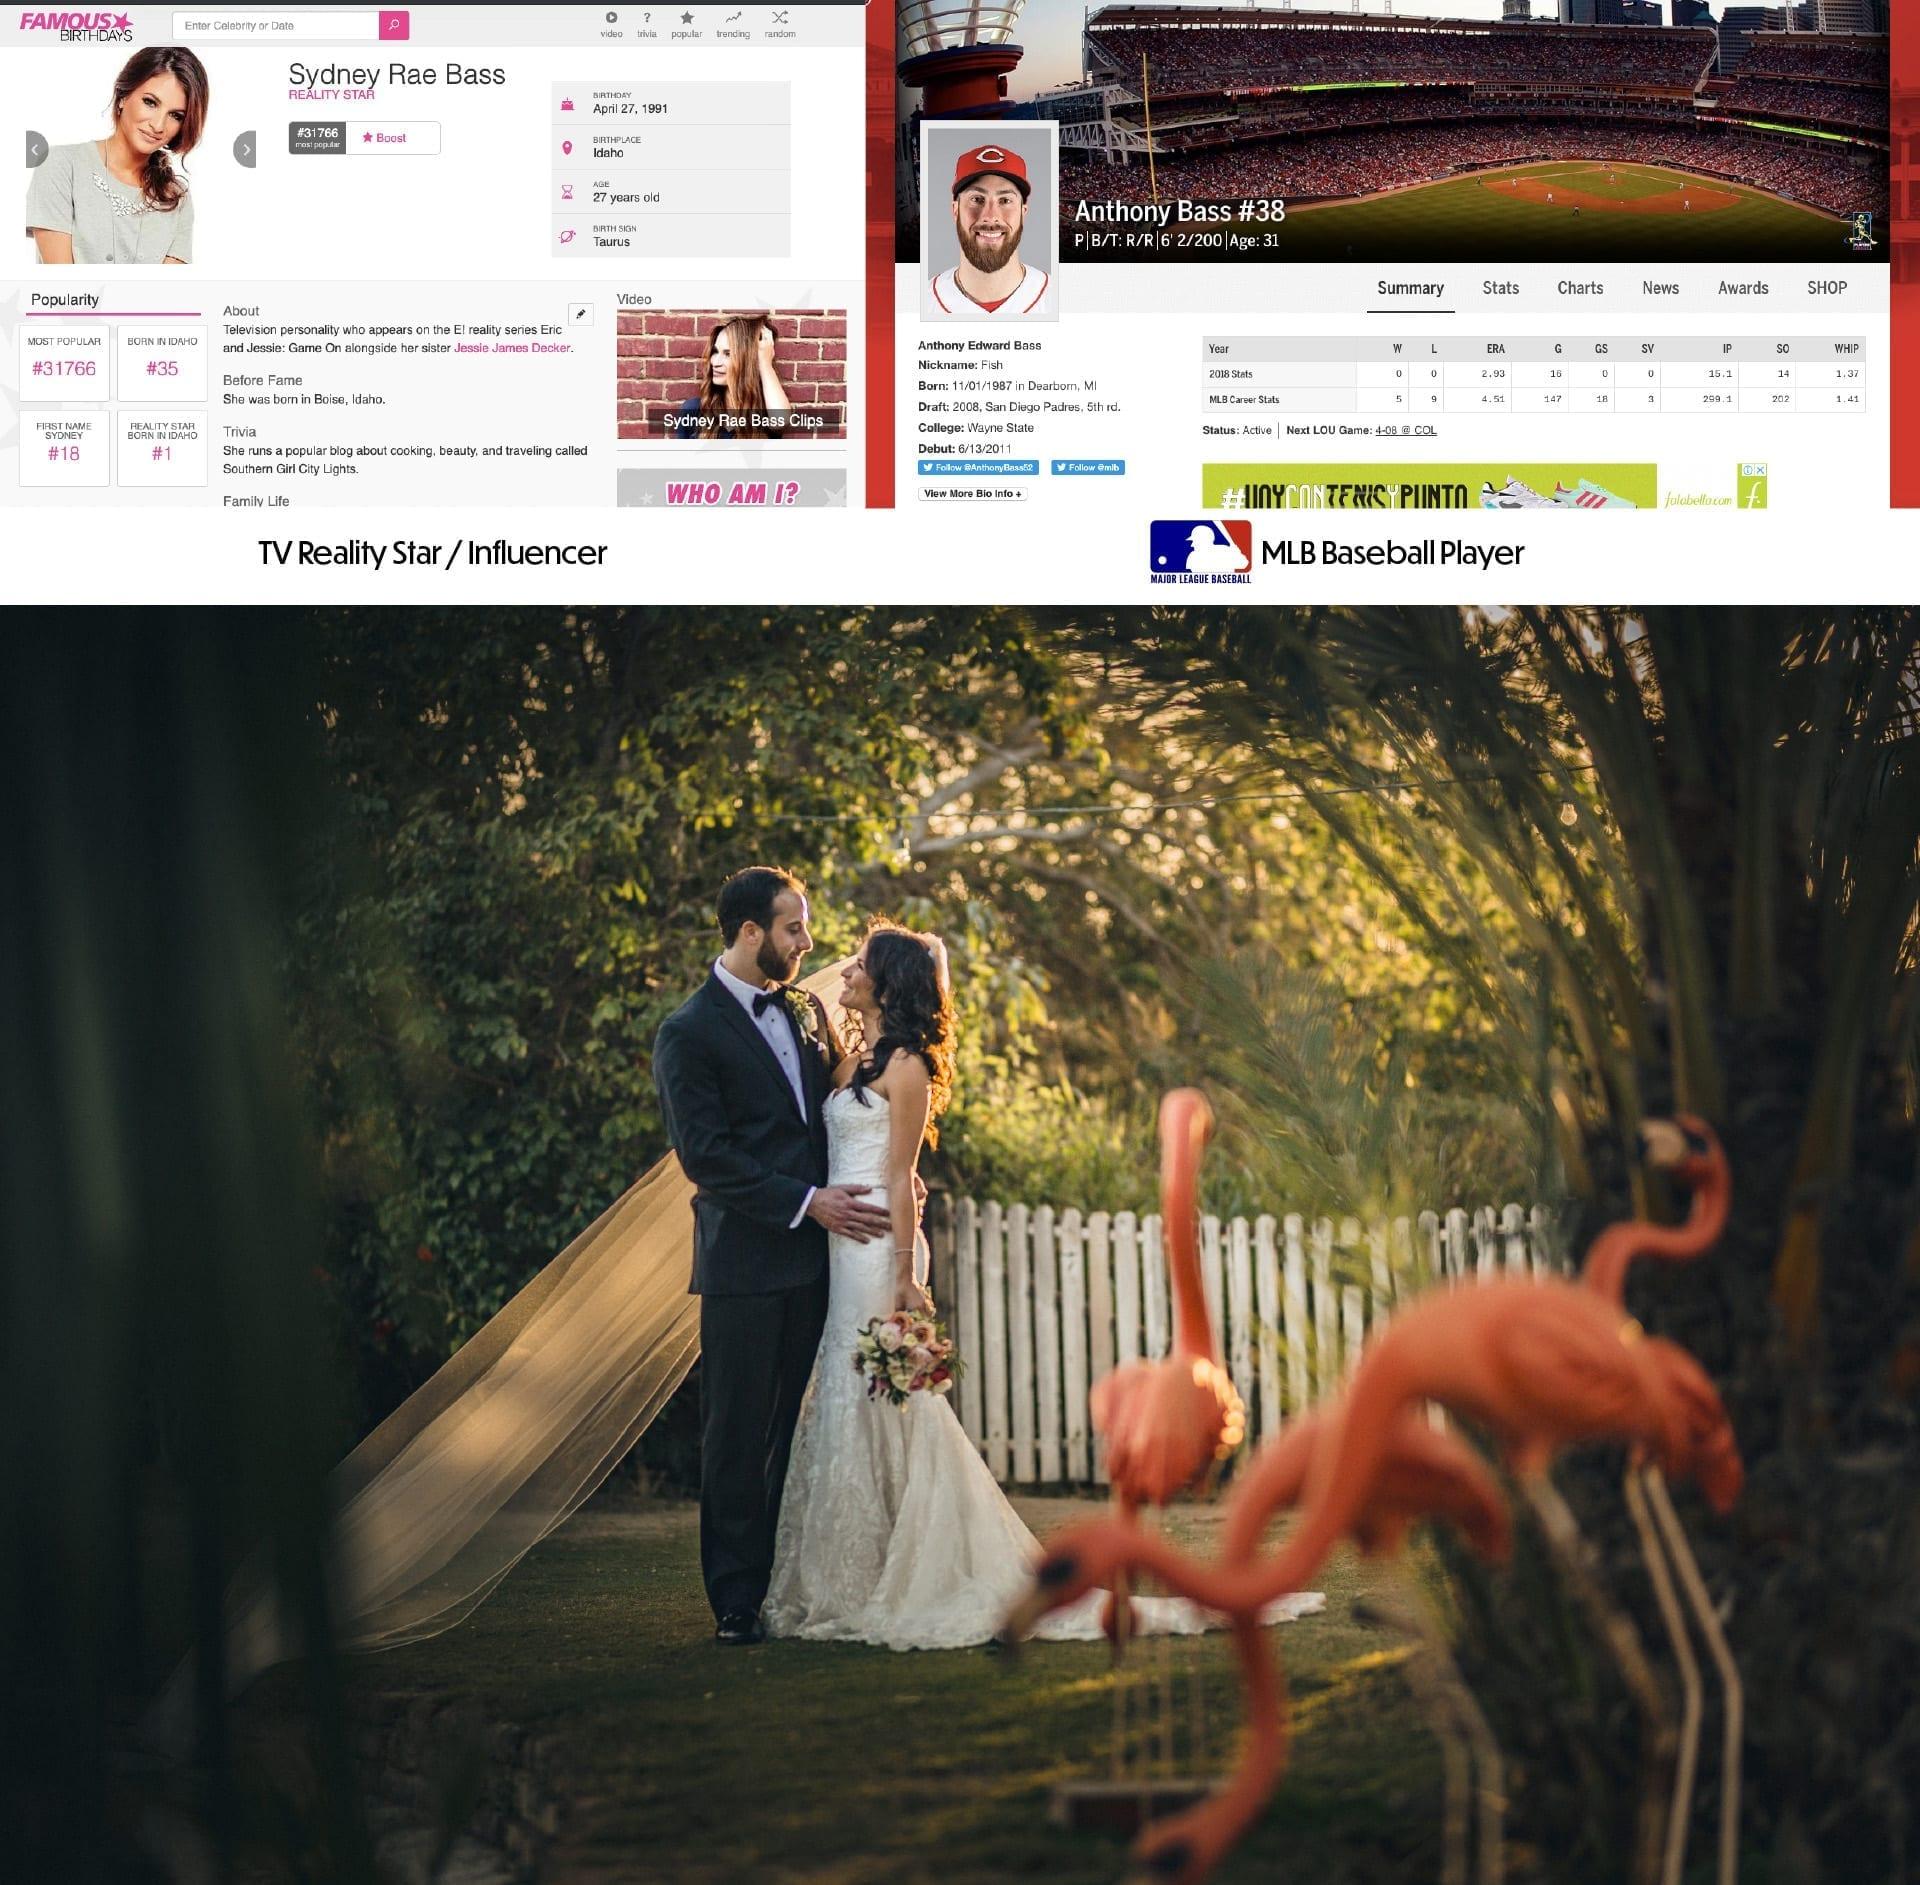 Fotografia Internacional de bodas para celebridades y atletas profesionales